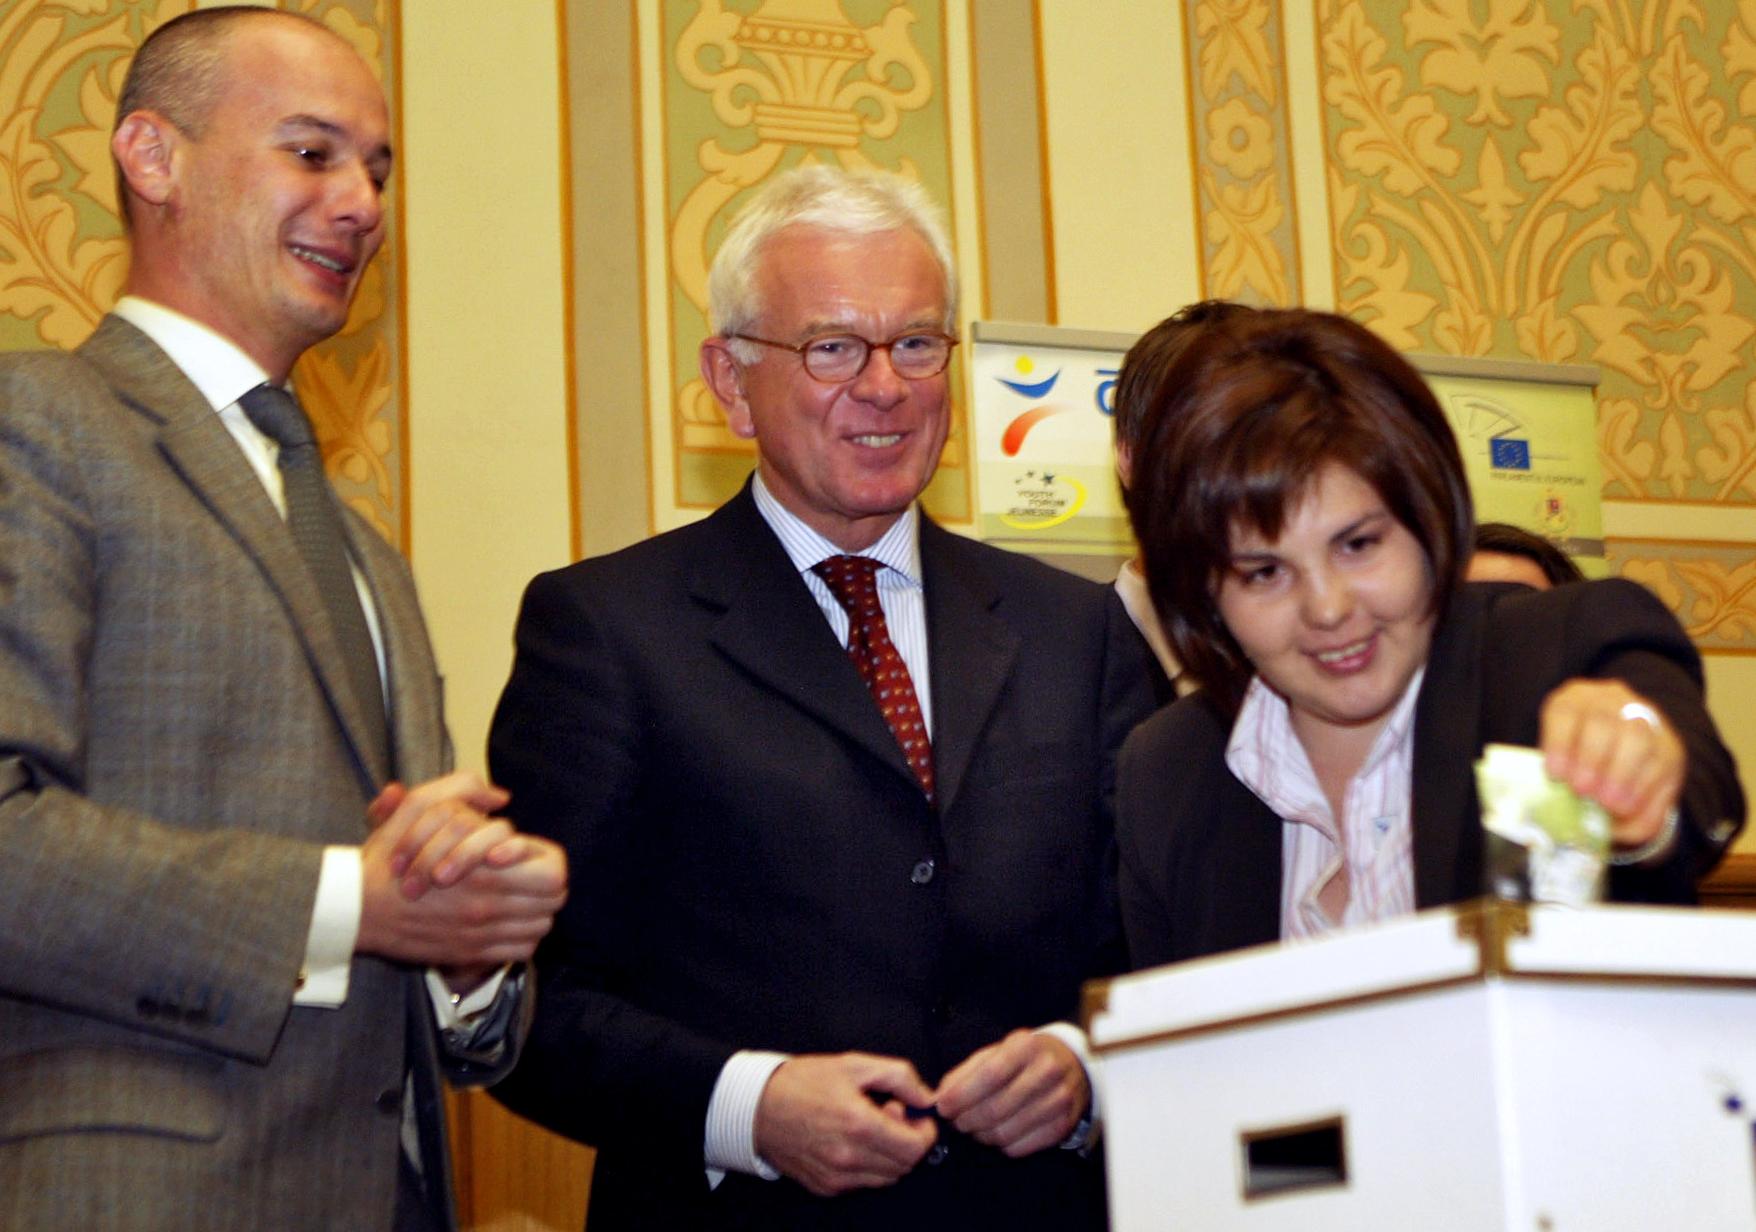 Korrupció miatt őrizetbe vették a volt román házelnököt